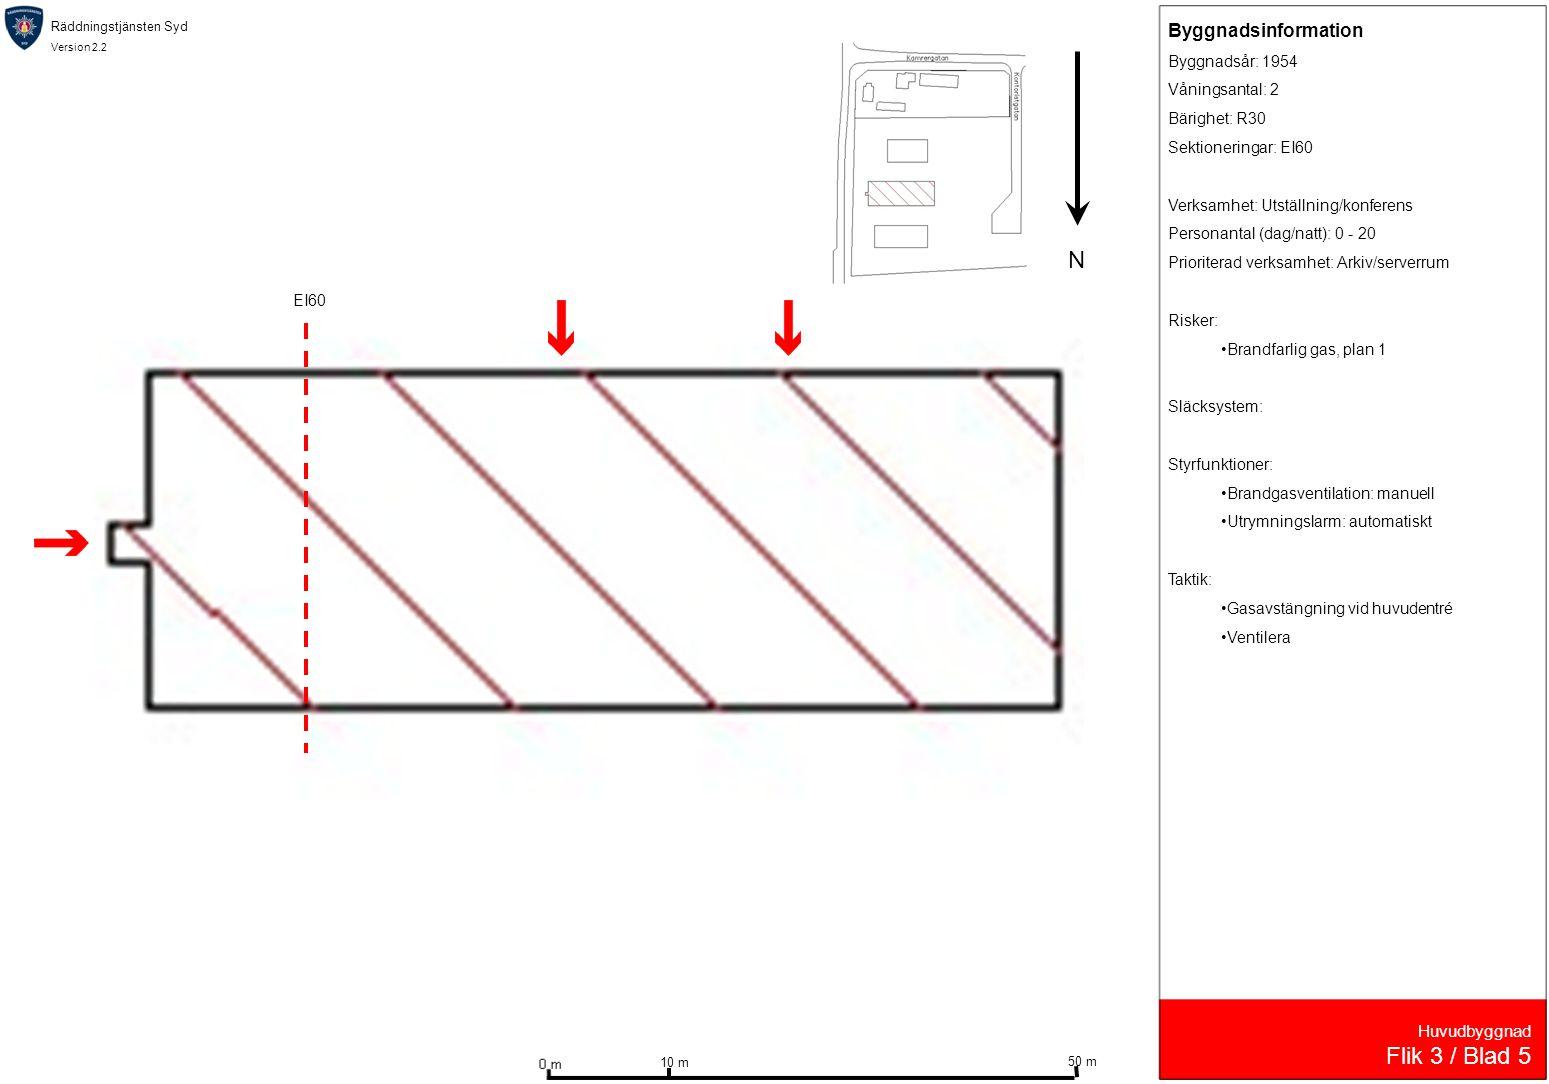 Räddningstjänsten Syd Version 2.2 Huvudbyggnad Flik 3 / Blad 5 Byggnadsinformation Byggnadsår: 1954 Våningsantal: 2 Bärighet: R30 Sektioneringar: EI60 Verksamhet: Utställning/konferens Personantal (dag/natt): 0 - 20 Prioriterad verksamhet: Arkiv/serverrum Risker: •Brandfarlig gas, plan 1 Släcksystem: Styrfunktioner: •Brandgasventilation: manuell •Utrymningslarm: automatiskt Taktik: •Gasavstängning vid huvudentré •Ventilera 10 m 50 m N EI60